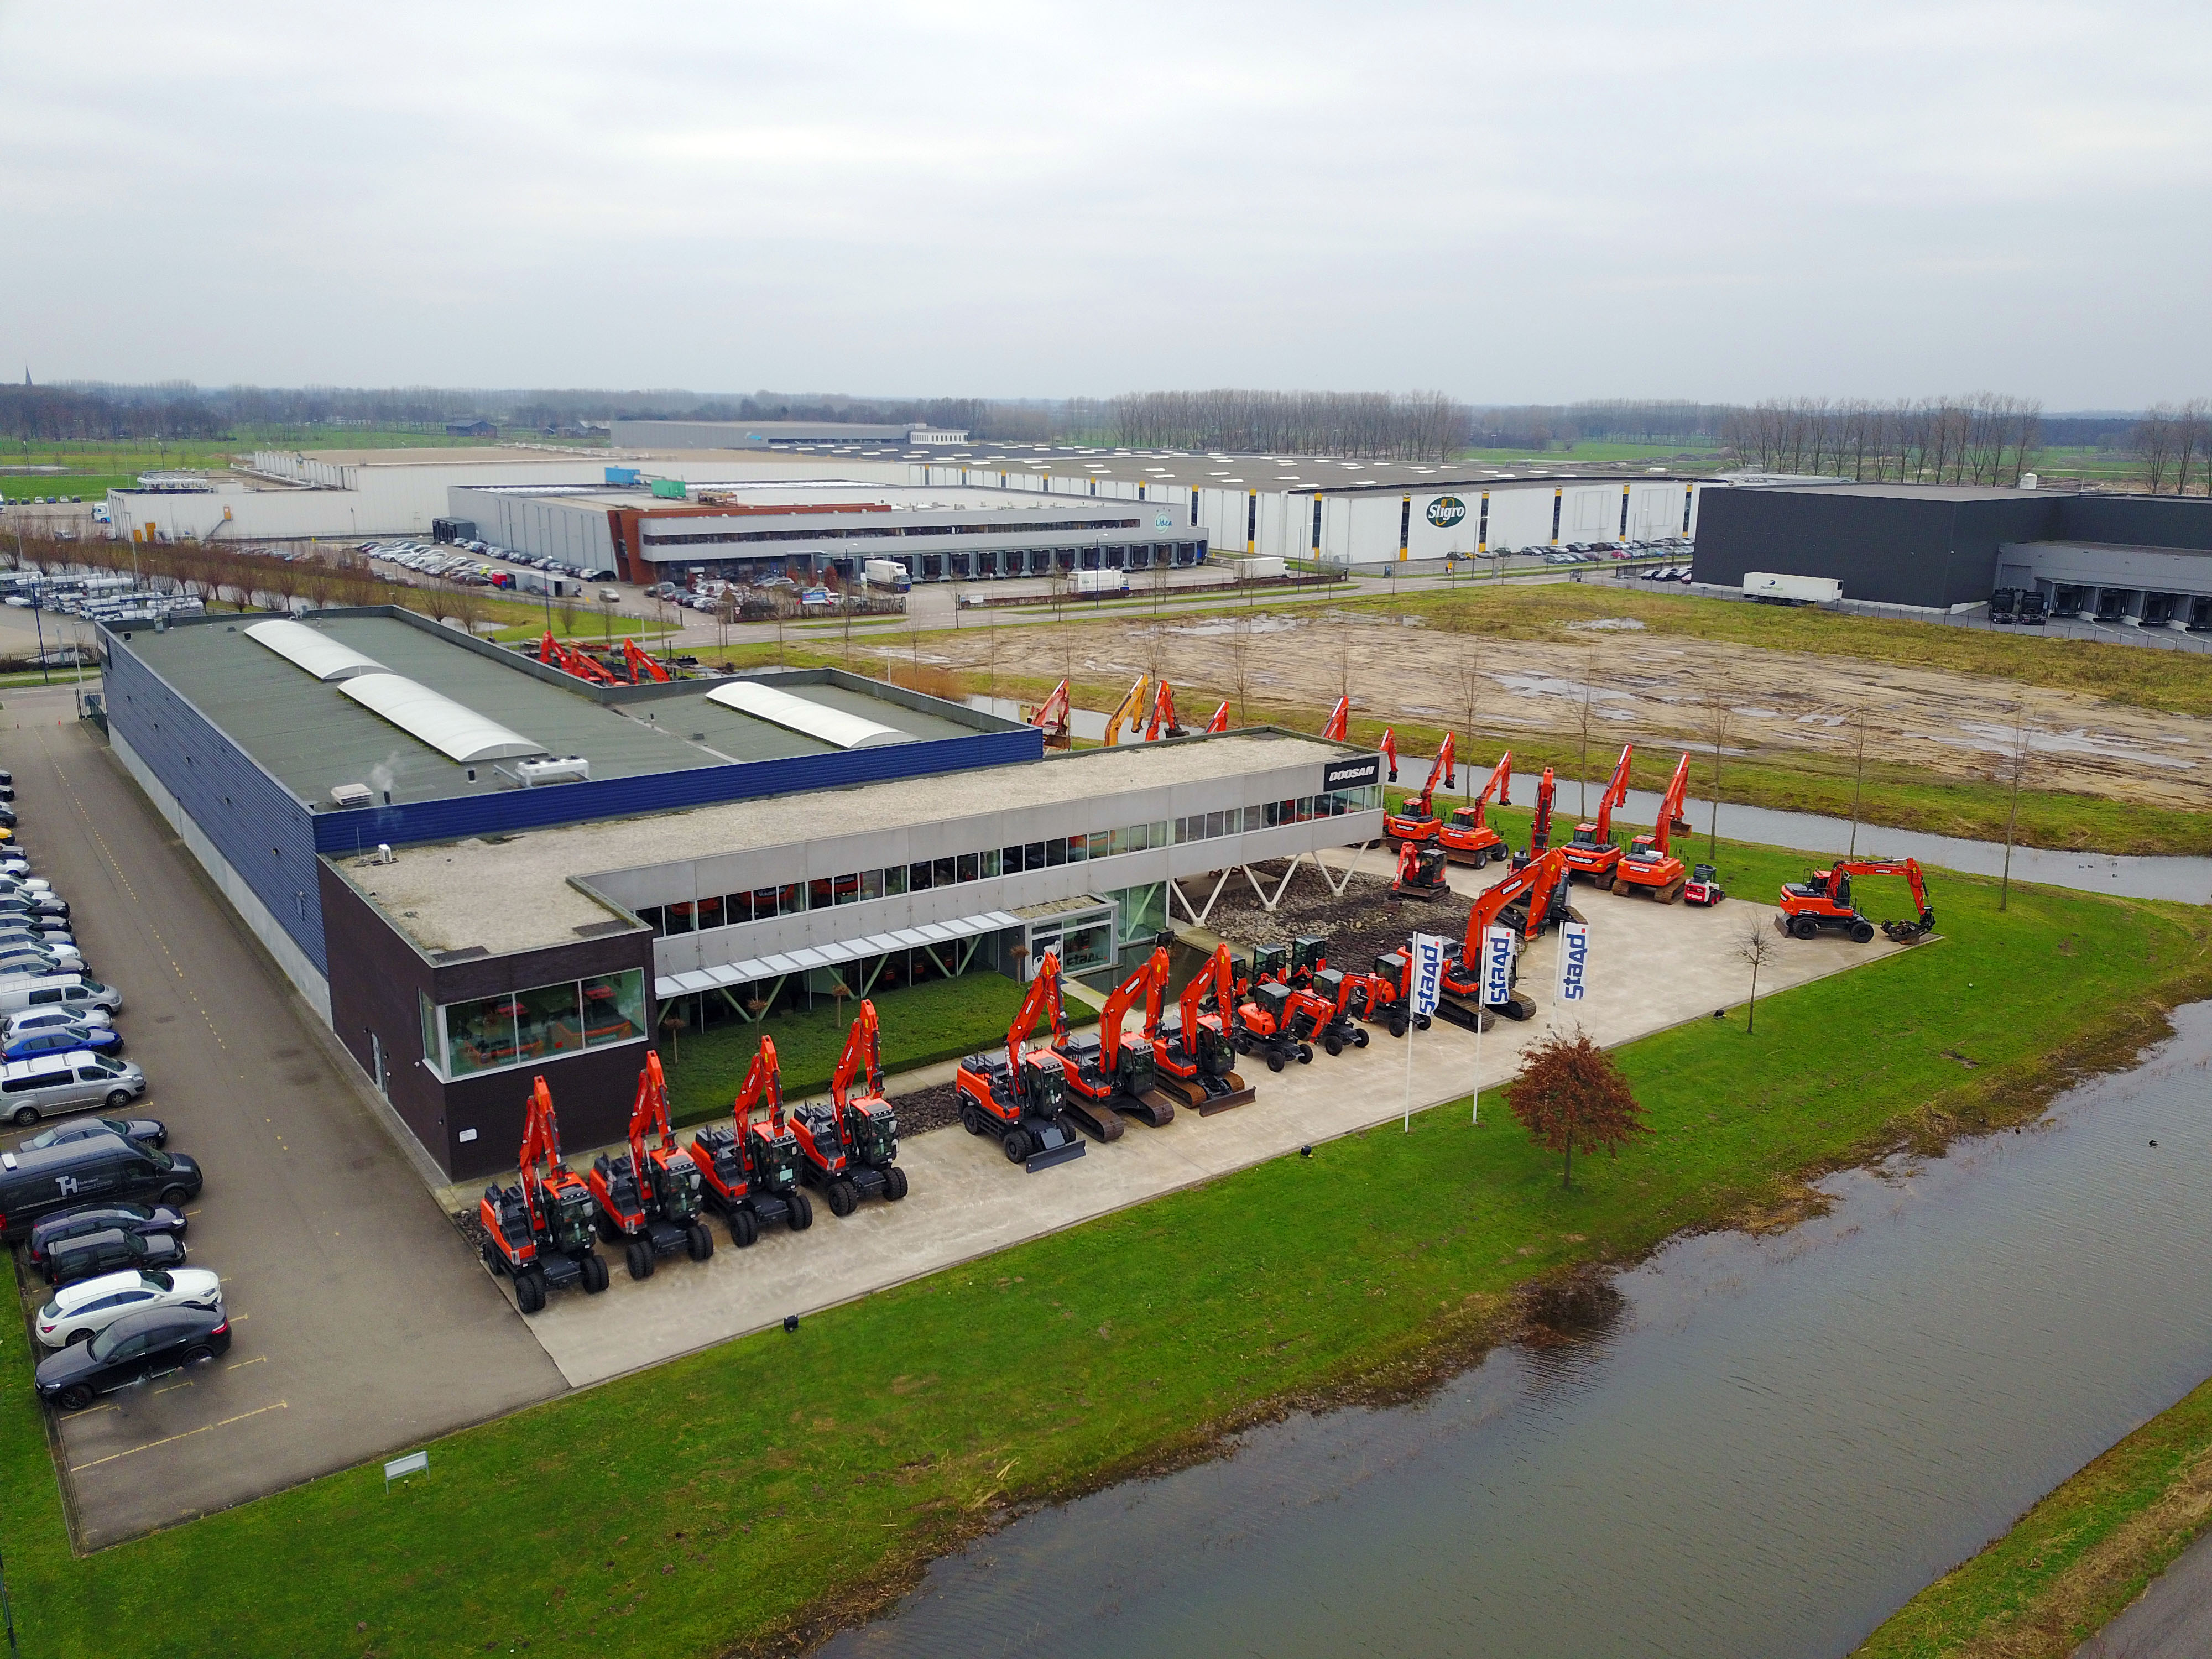 <p>Overzicht van het Staad-pand in Veghel. Voorheen zat New Holland-importeur De Bruycker in dit gebouw. In 2013, bij de start van het bedrijf, trok Staad erin. Enkele maanden eerder, hartje crisis, was het Belgische De Bruycker uit Nederland vertrokken. De Bruycker is nu de huurbaas van Staad.</p>